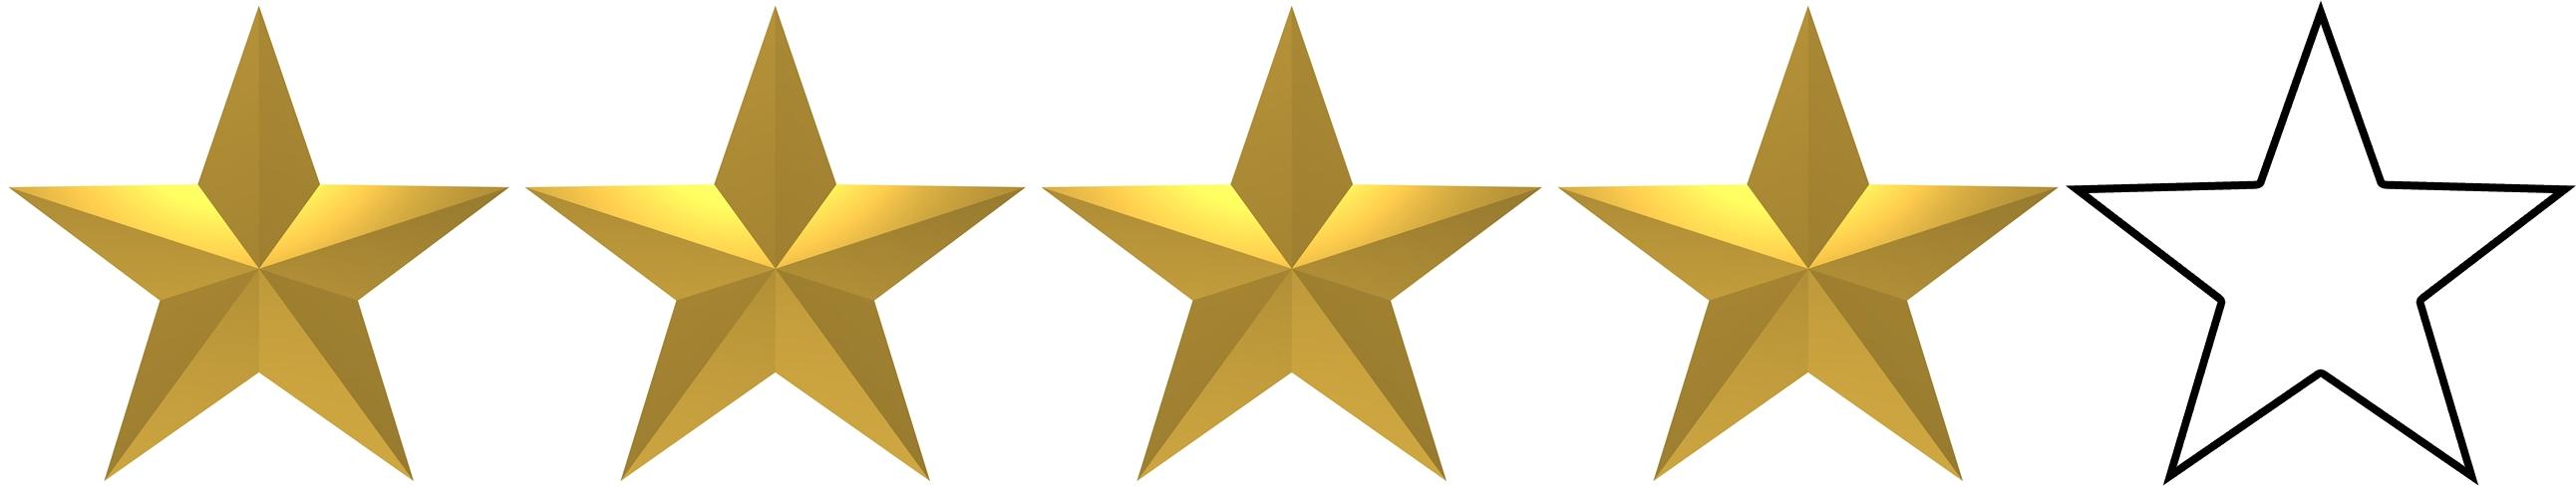 Risultati immagini per 4 stars out of 5